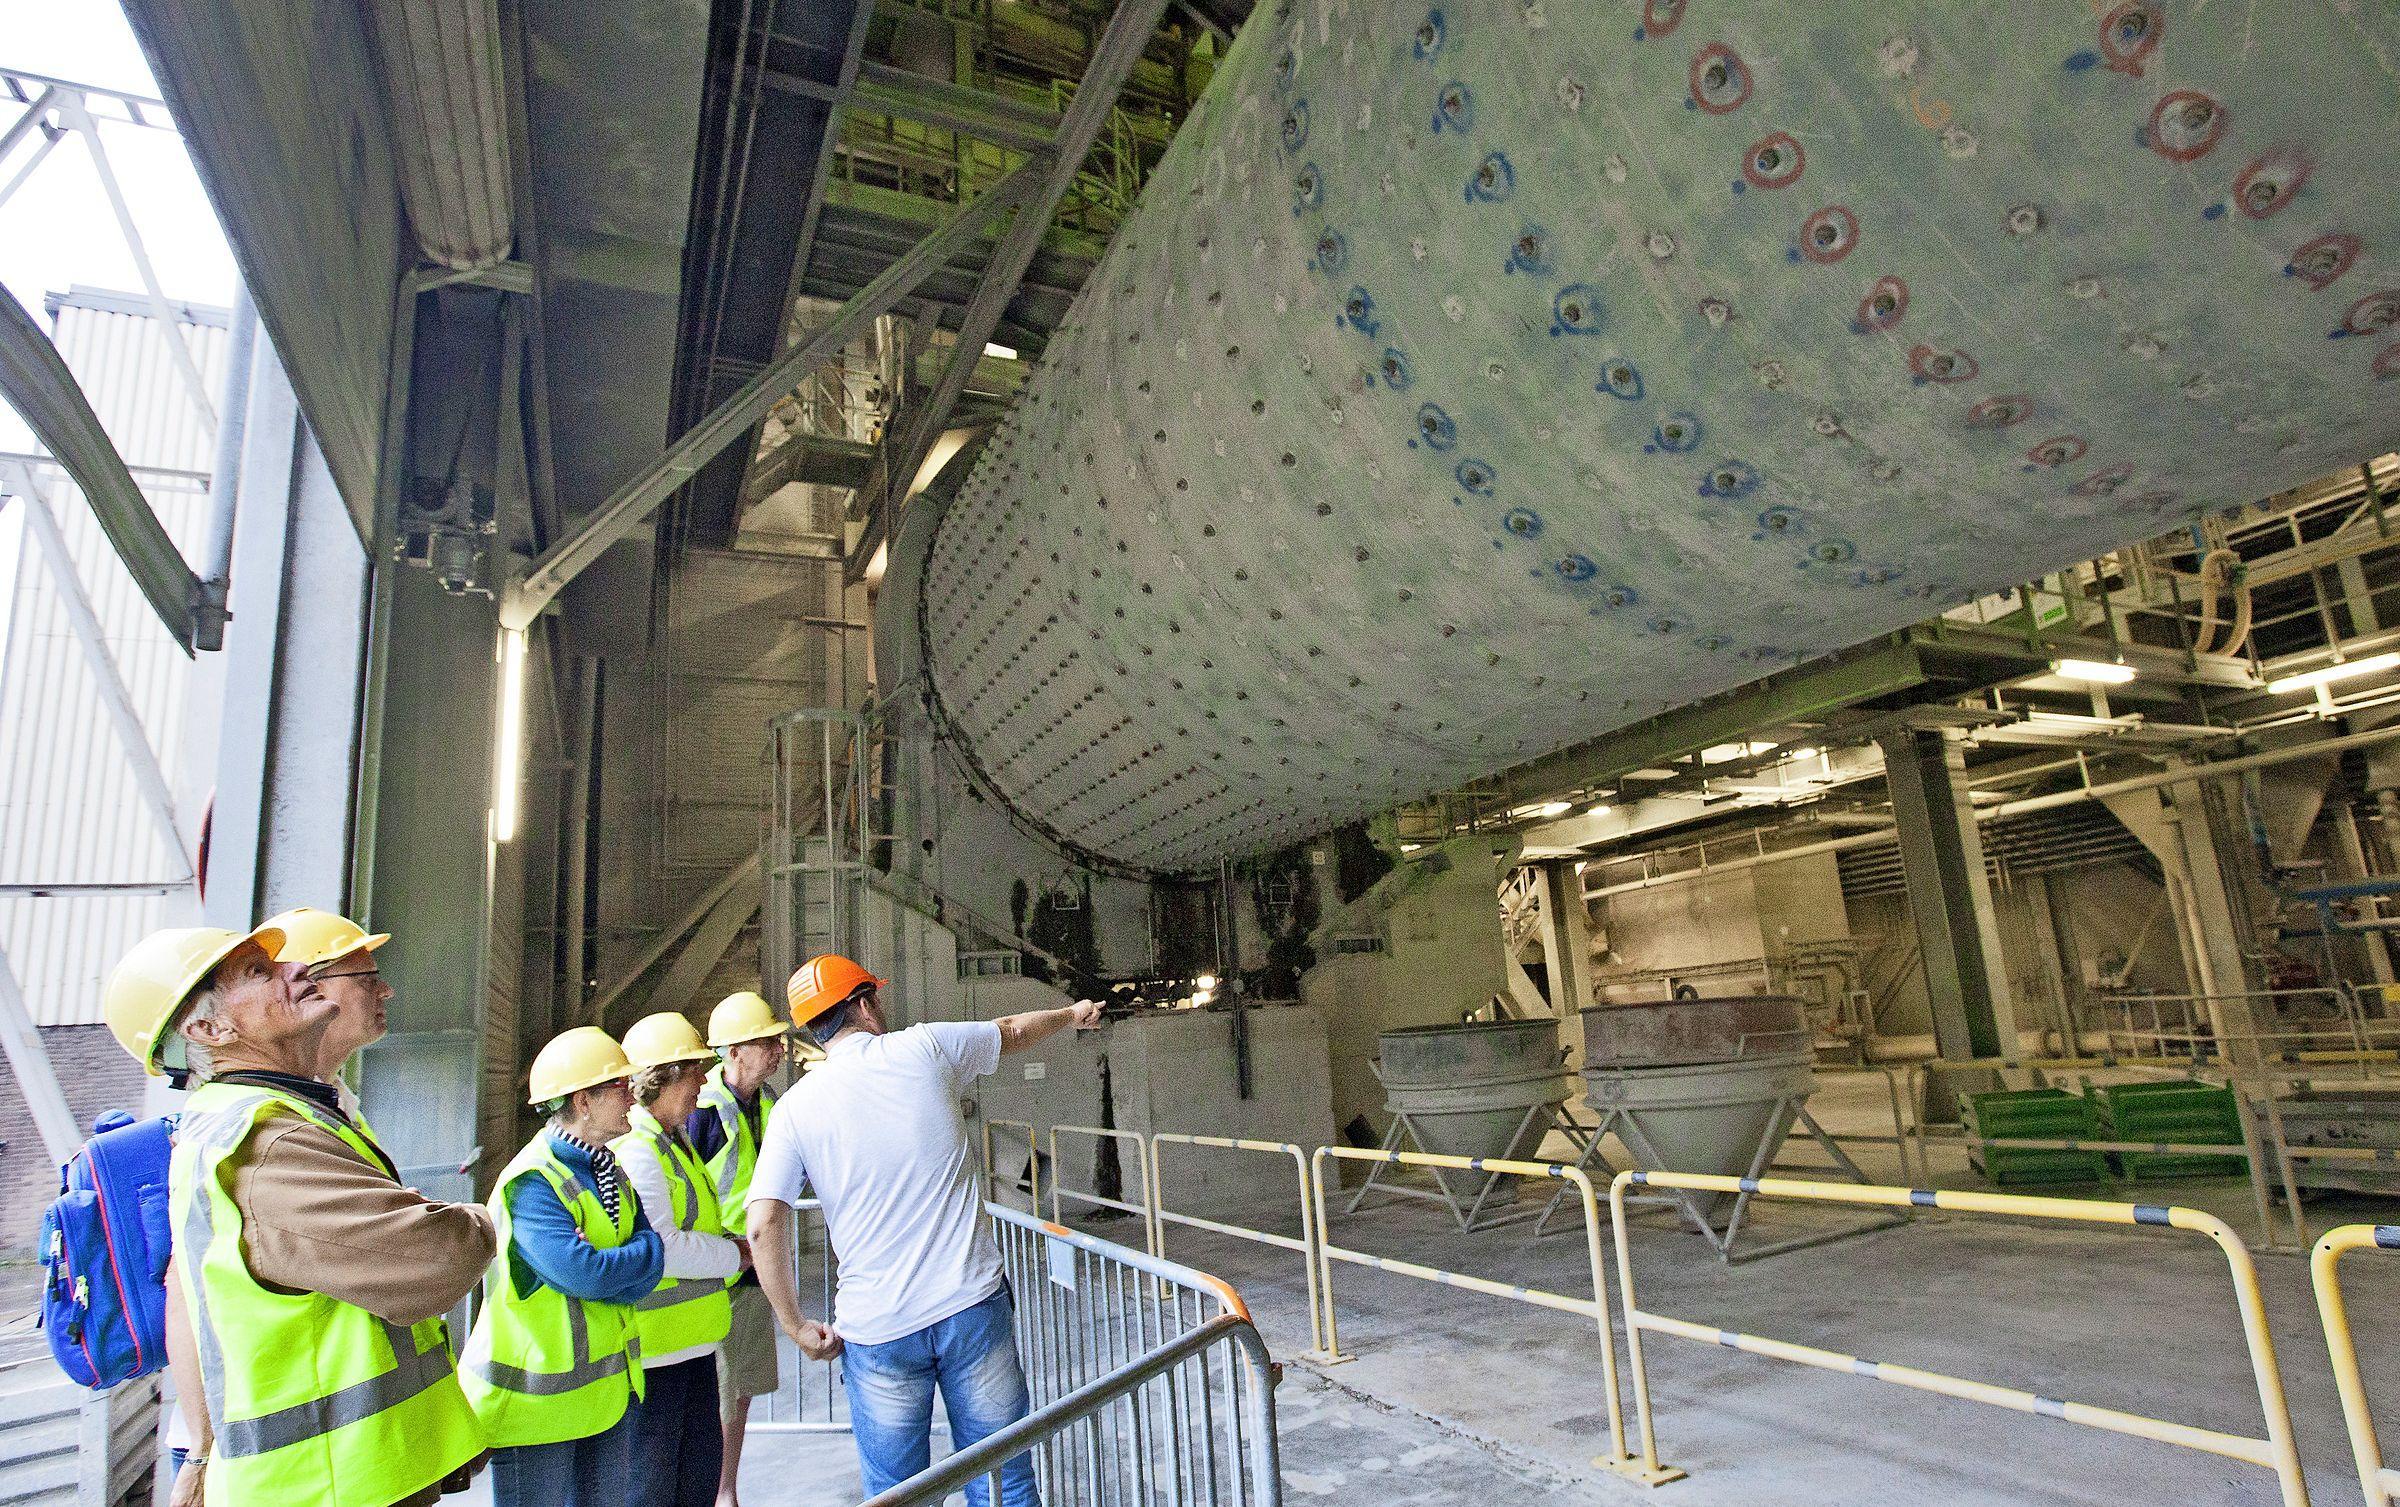 Staking dreigt bij cementfabriek ENCI wanneer directie niet instemt met loonsverhoging. Consequentie: straks geen cement meer voor bouwend Nederland